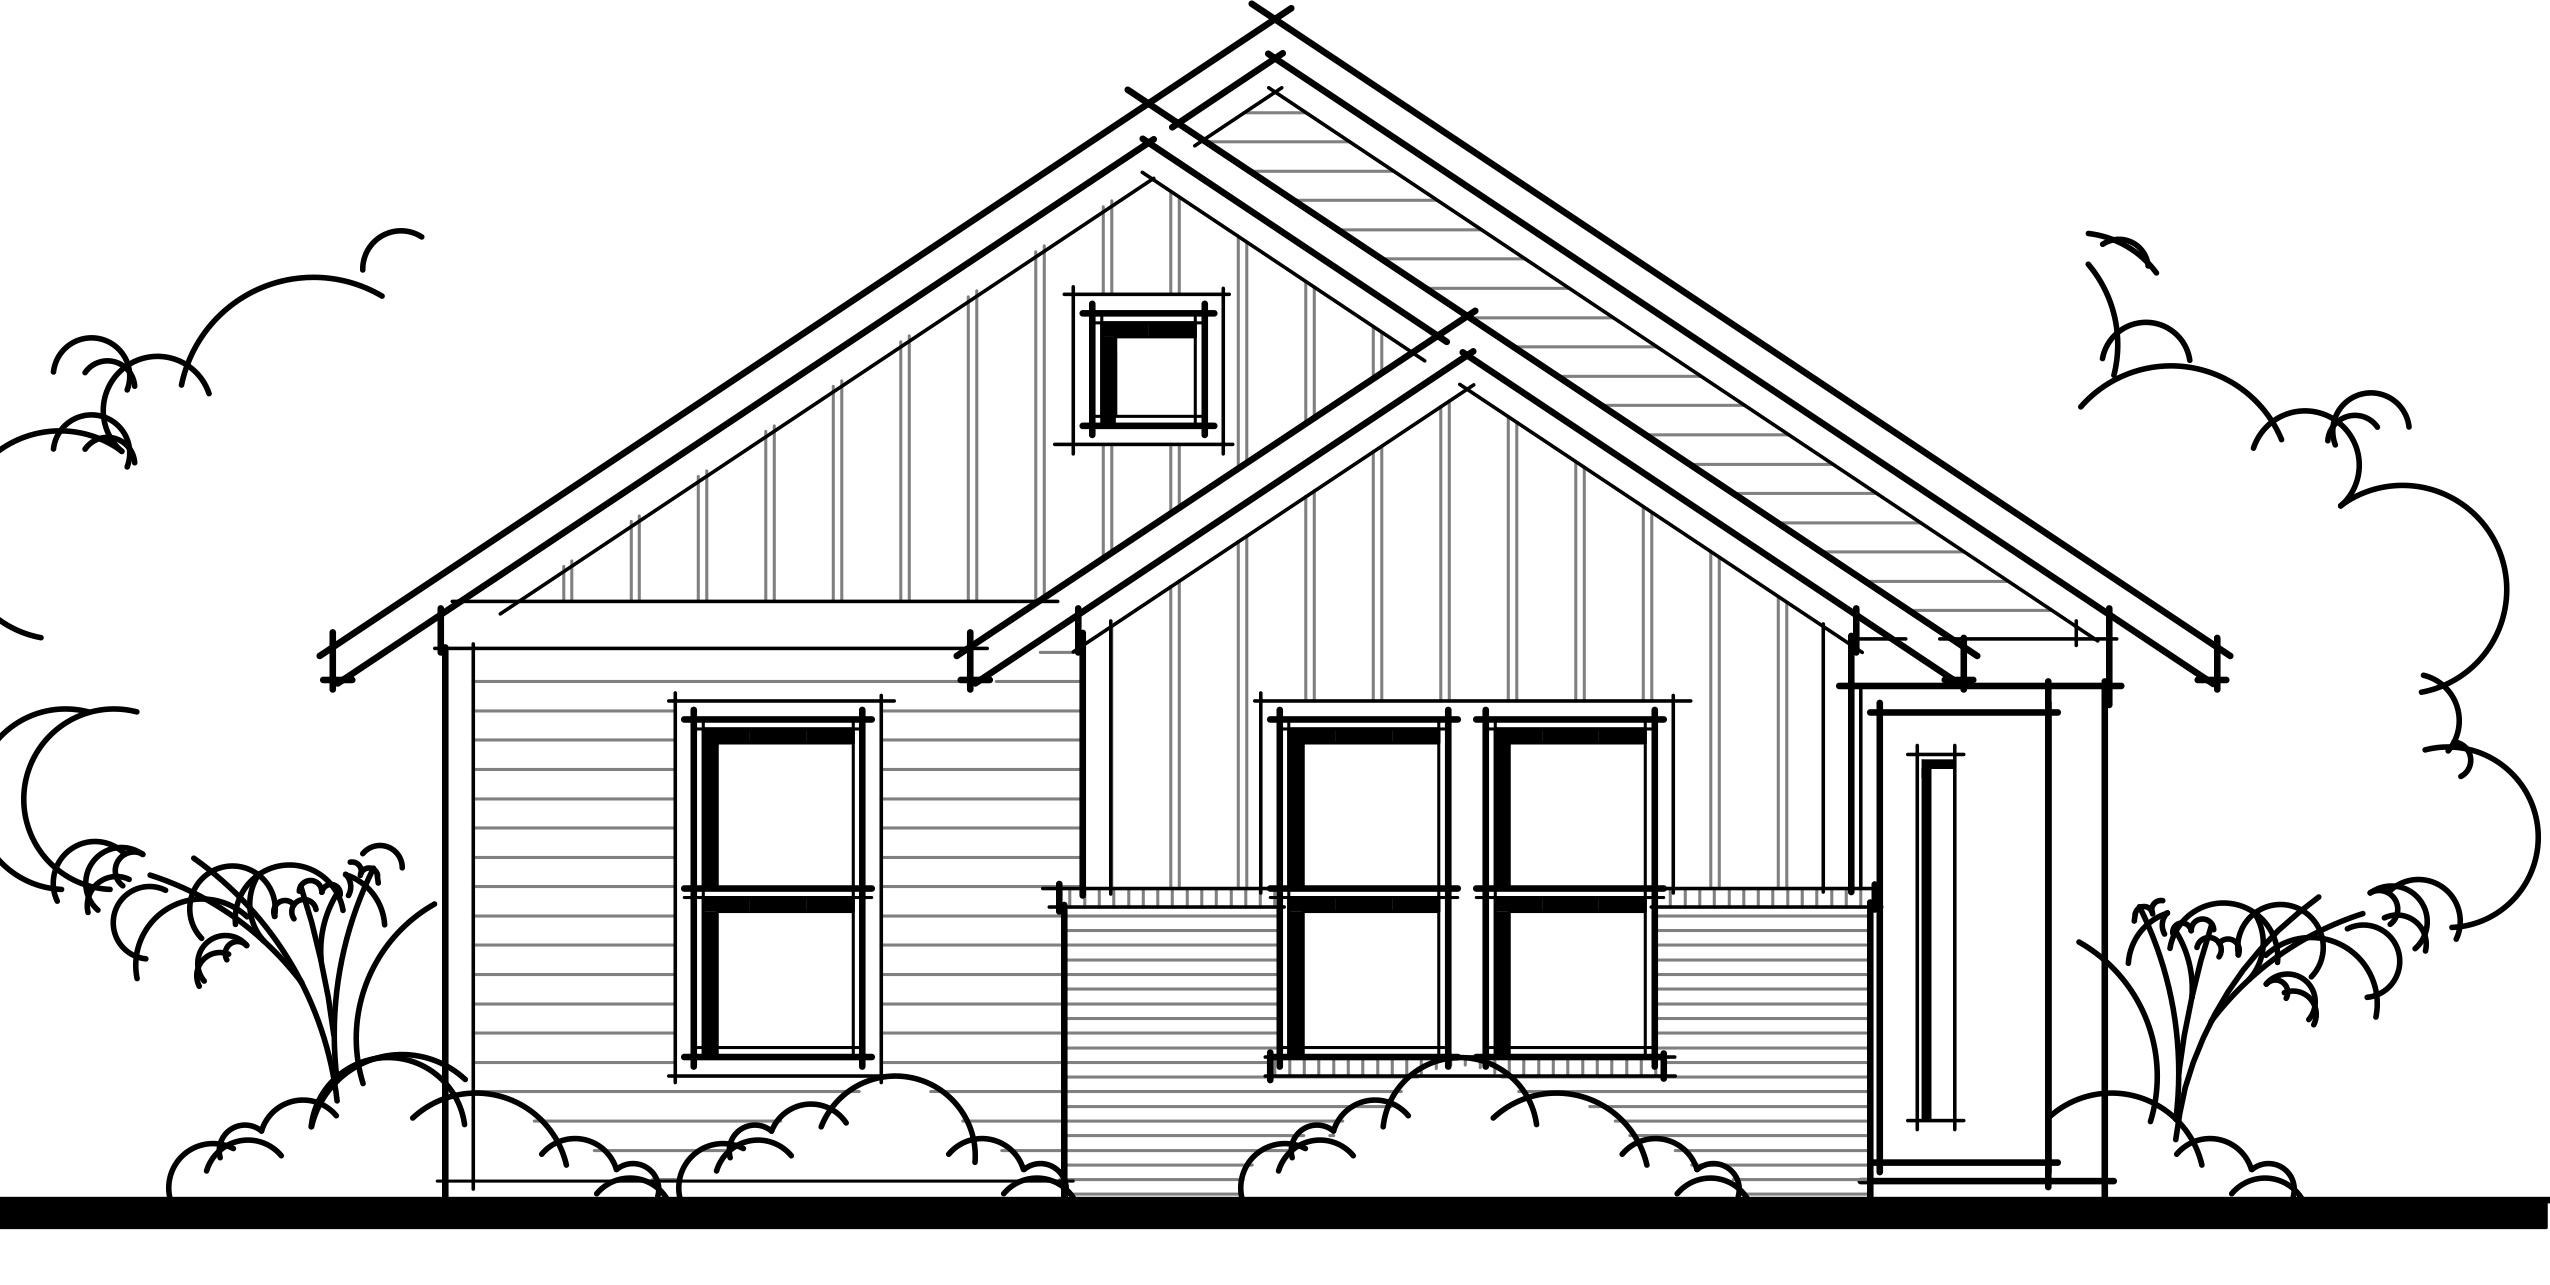 Barton - Modern Farmhouse